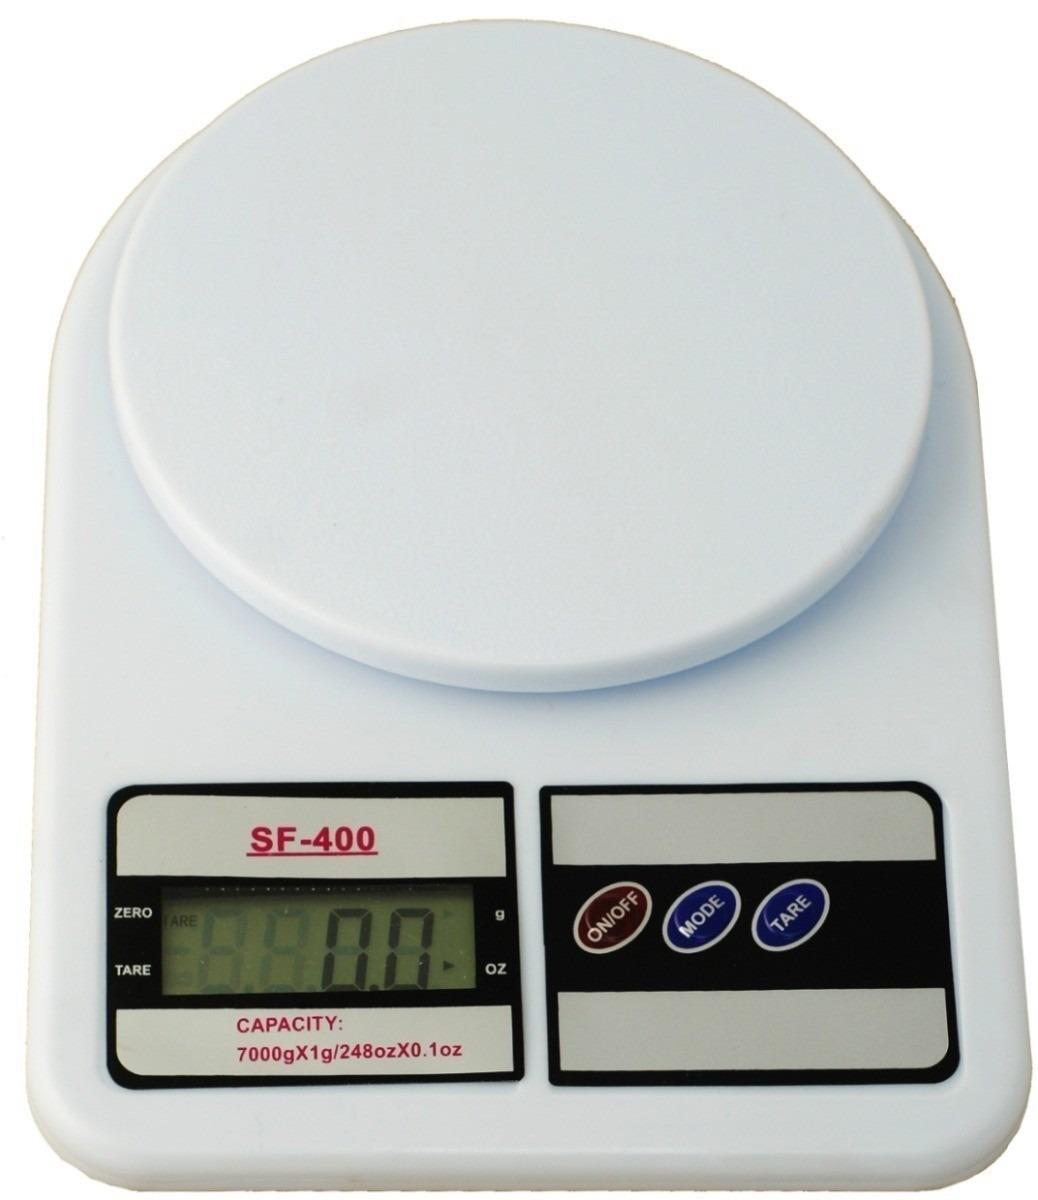 Balança Digital Eletrônica Até 7 Kg De Precisão Em Curitiba R$  #505B3A 1038x1200 Balança Digital Banheiro Boa